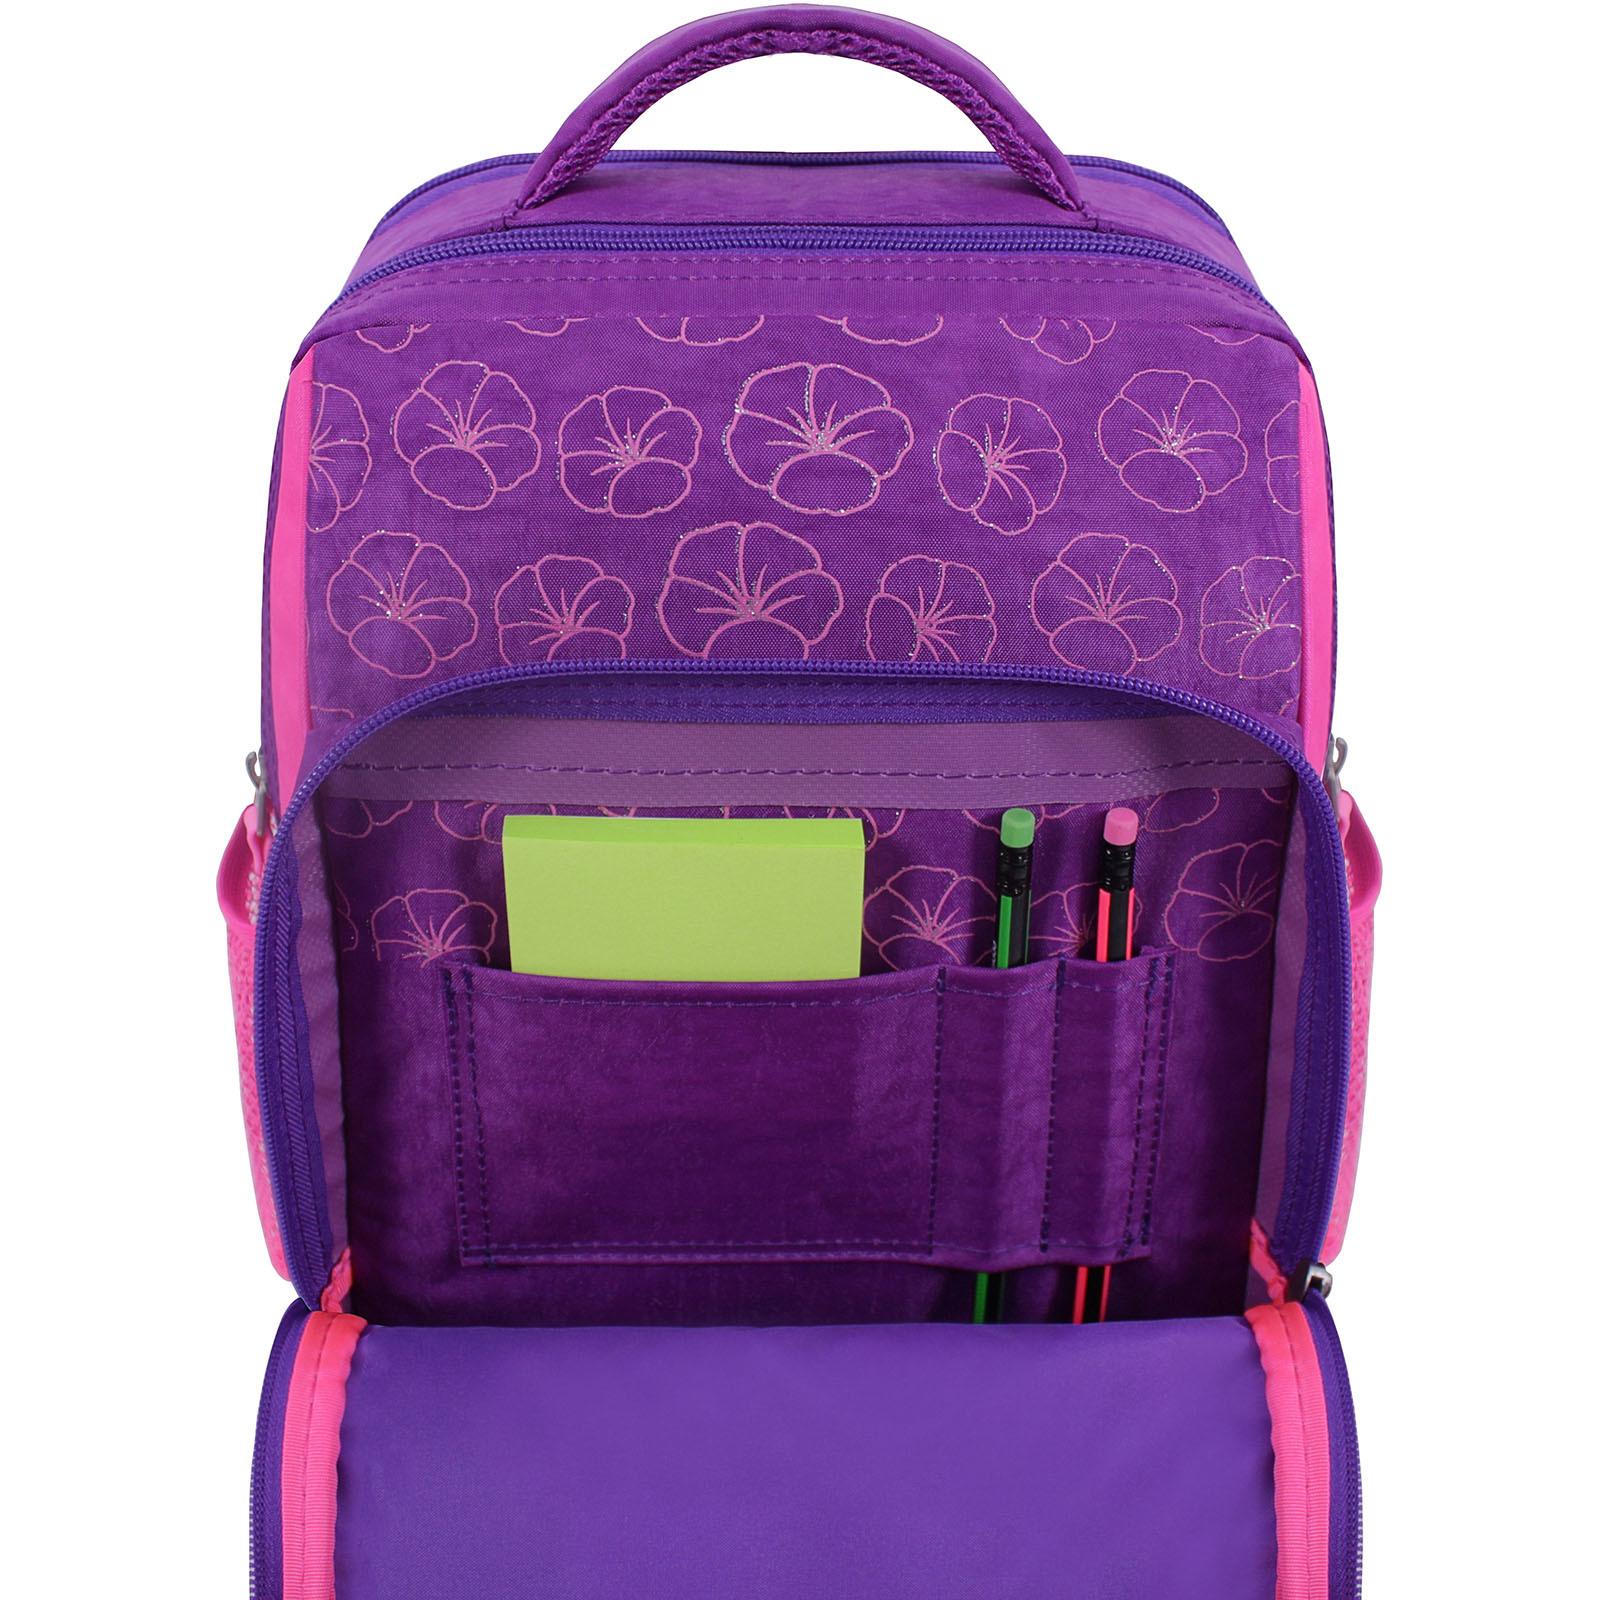 Рюкзак школьный Bagland Школьник 8 л. фиолетовый 498 (0012870) фото 4